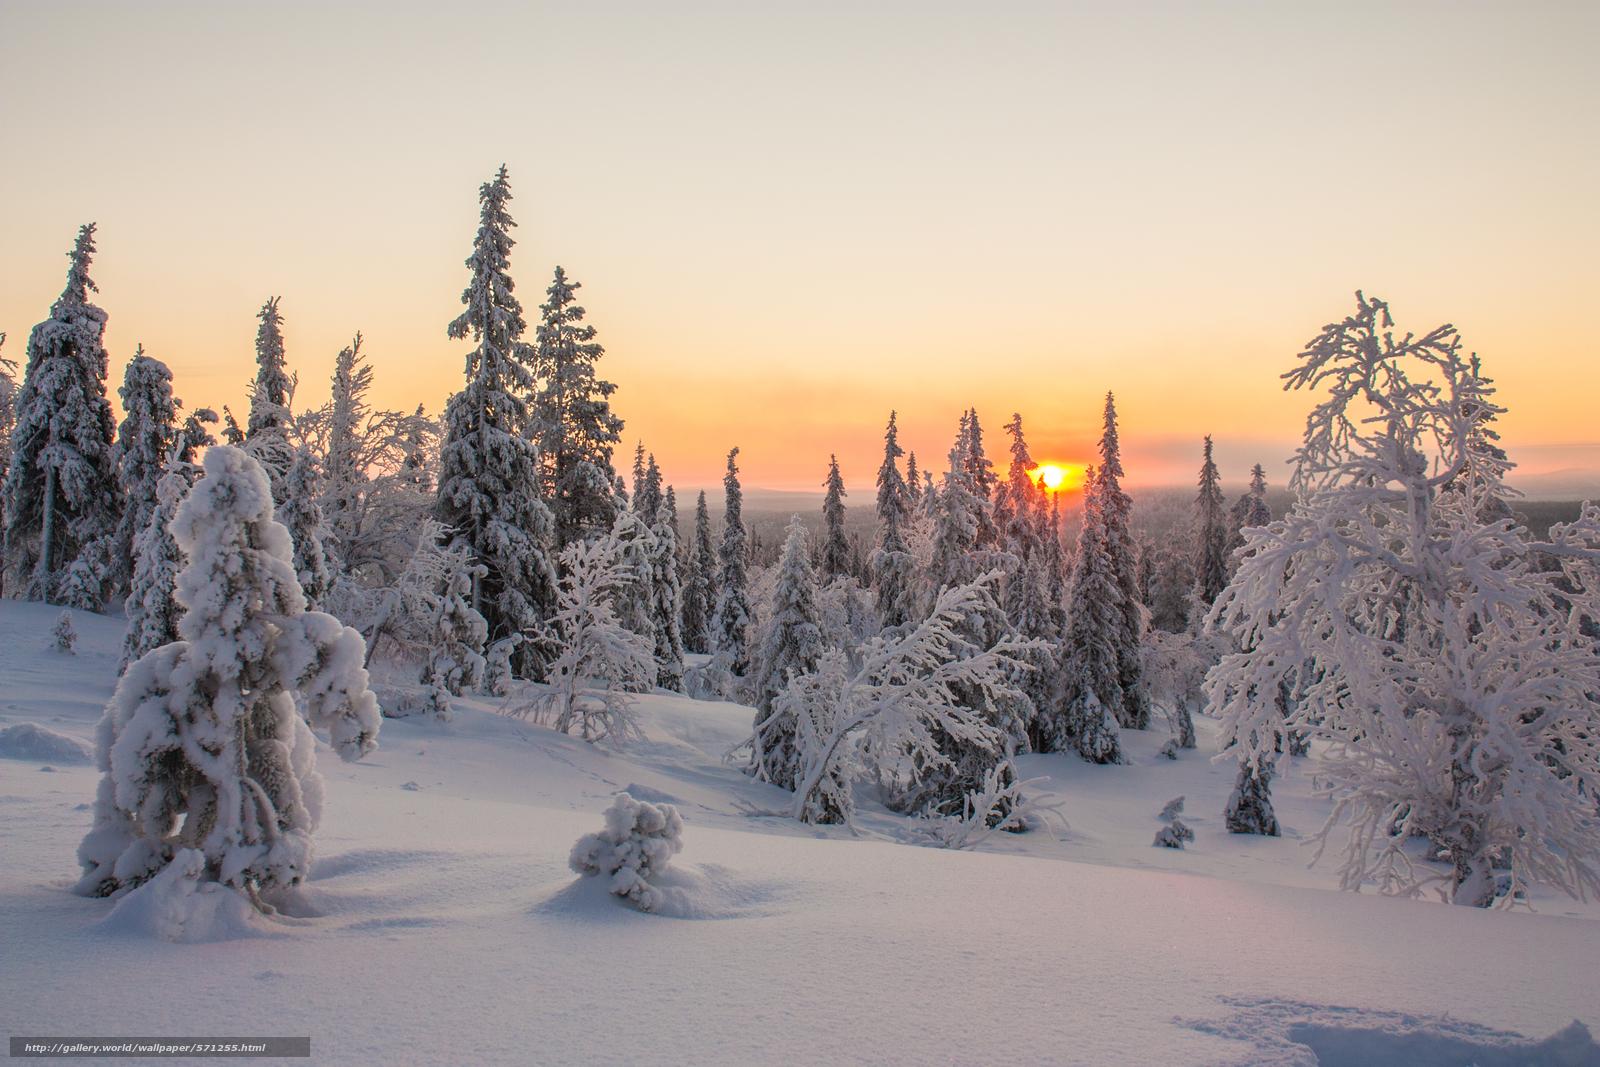 Scaricare gli sfondi lapponia tramonto inverno alberi for Immagini inverno sfondi